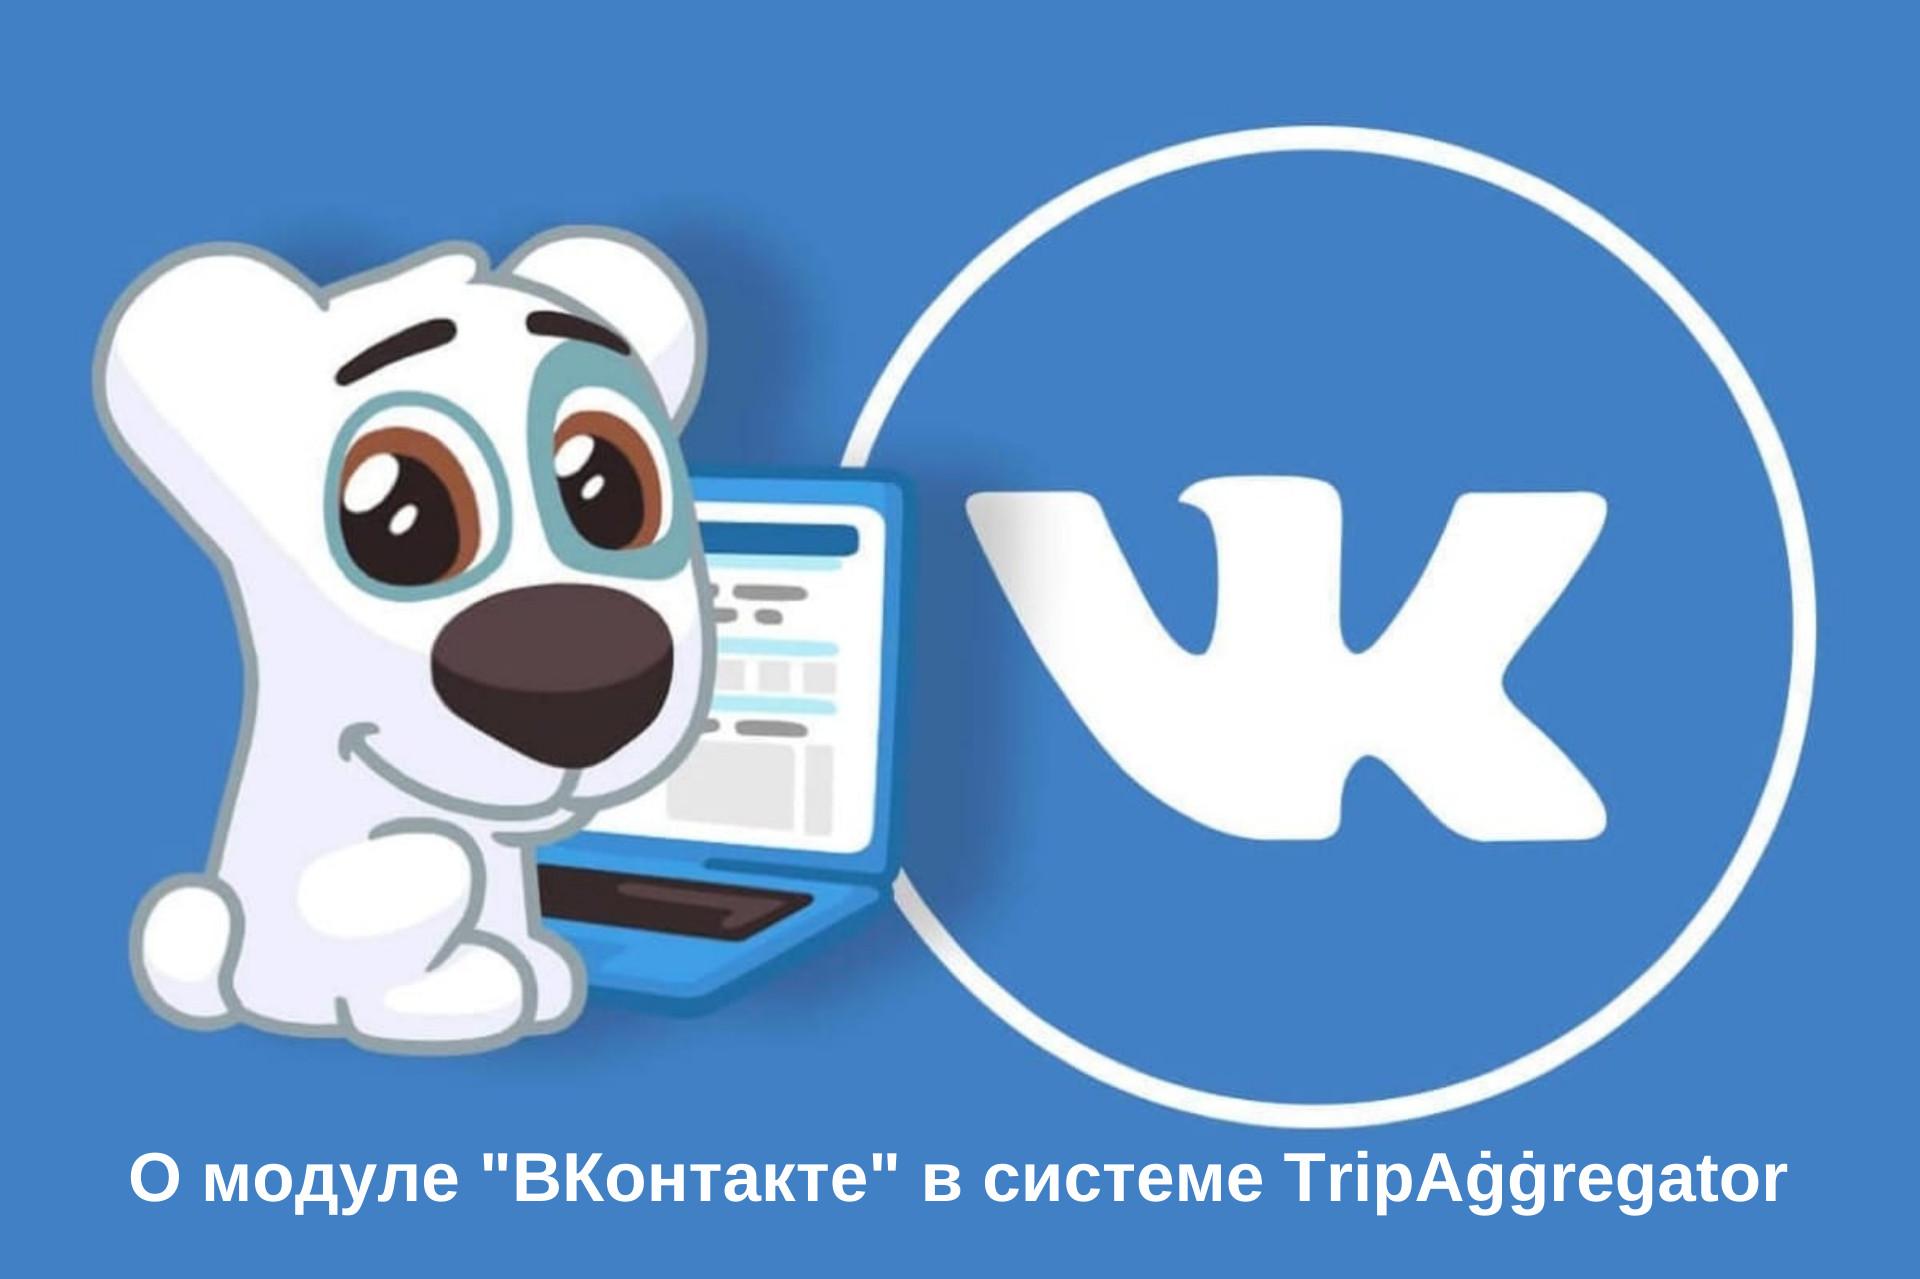 Как найти человека в Вконтакте по номеру телефона и не только